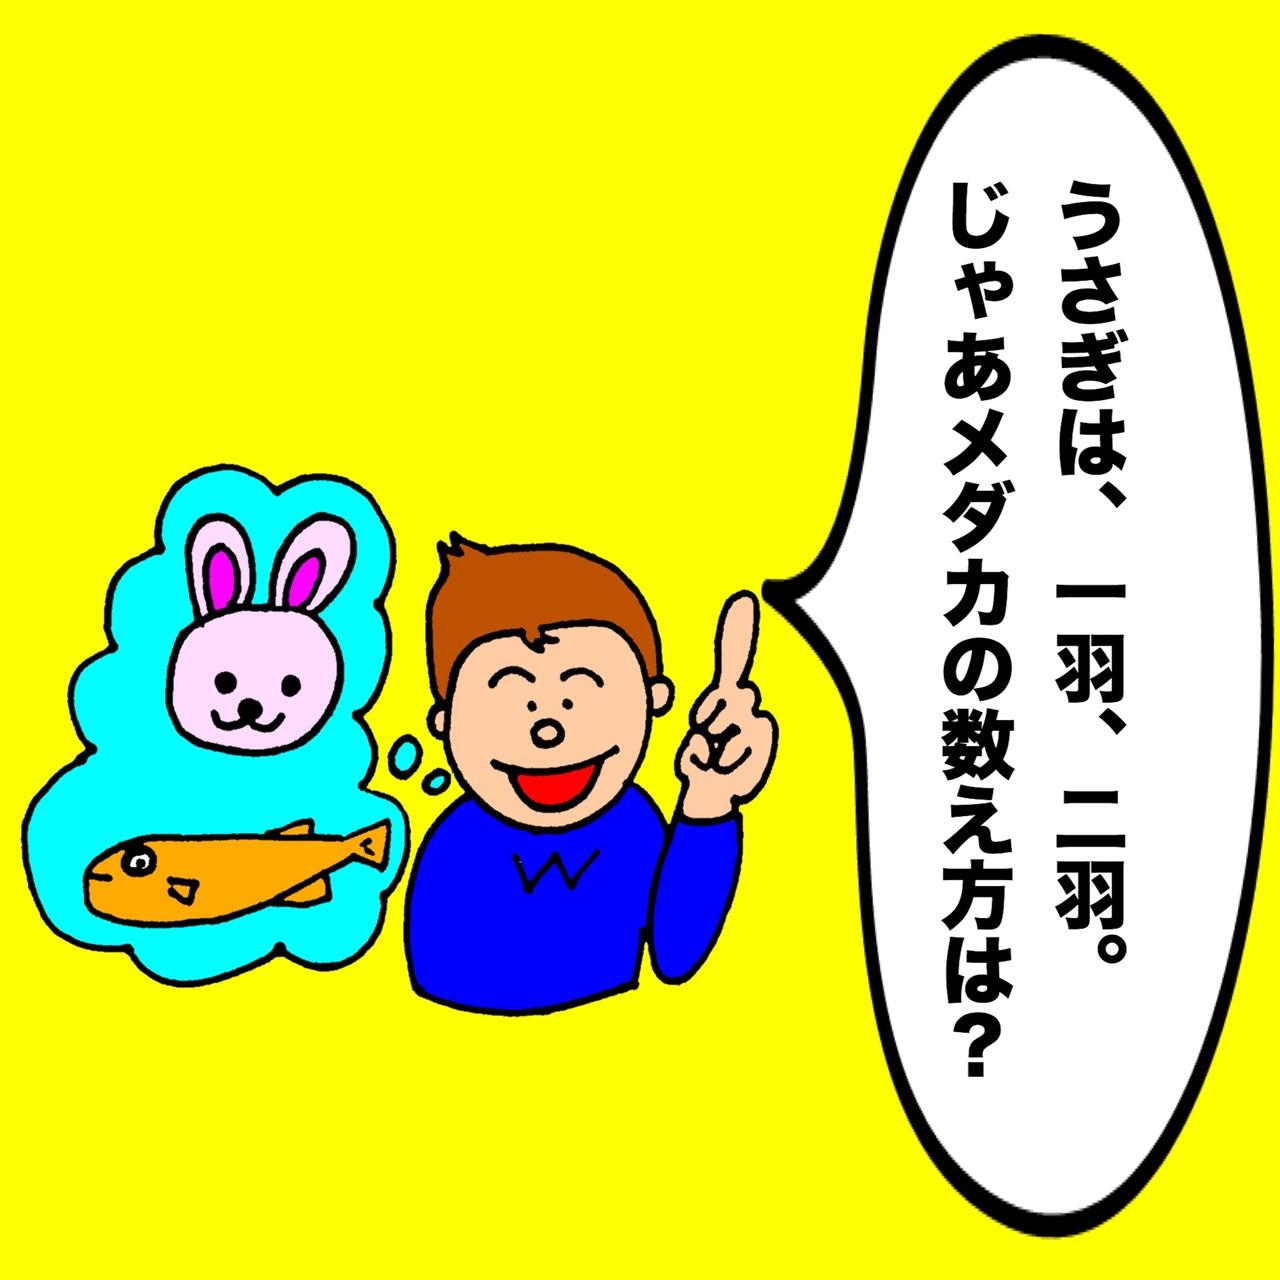 よしもとパパ芸人タケトの育児漫画①「うさぎは、1羽、2羽。じゃあメダカの数え方は?